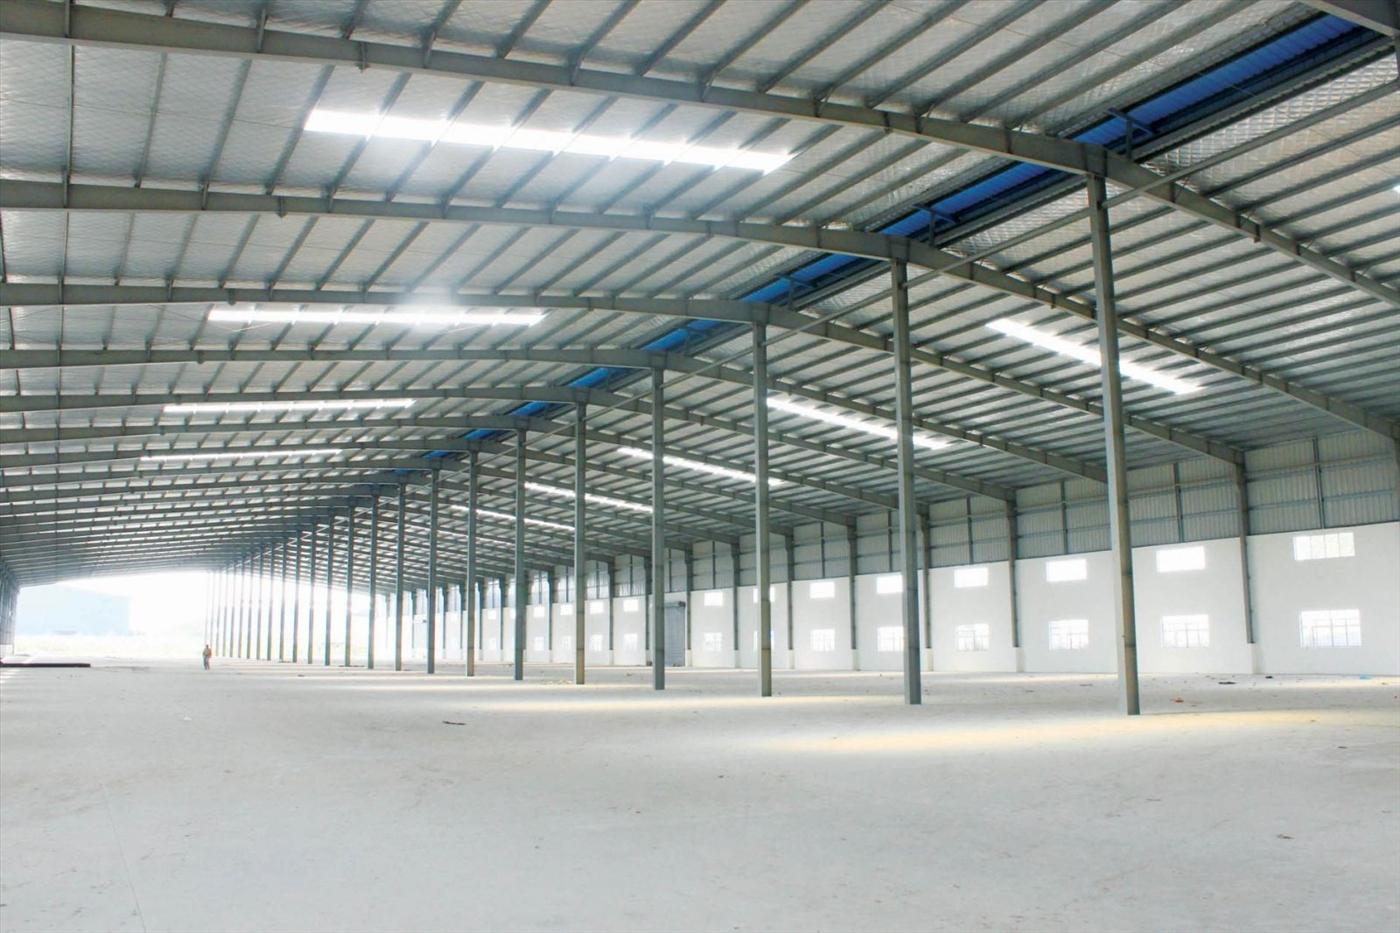 Thi công nhà xưởng chuyên nghiệp khu công nghiệp Long Thành - Đồng Nai